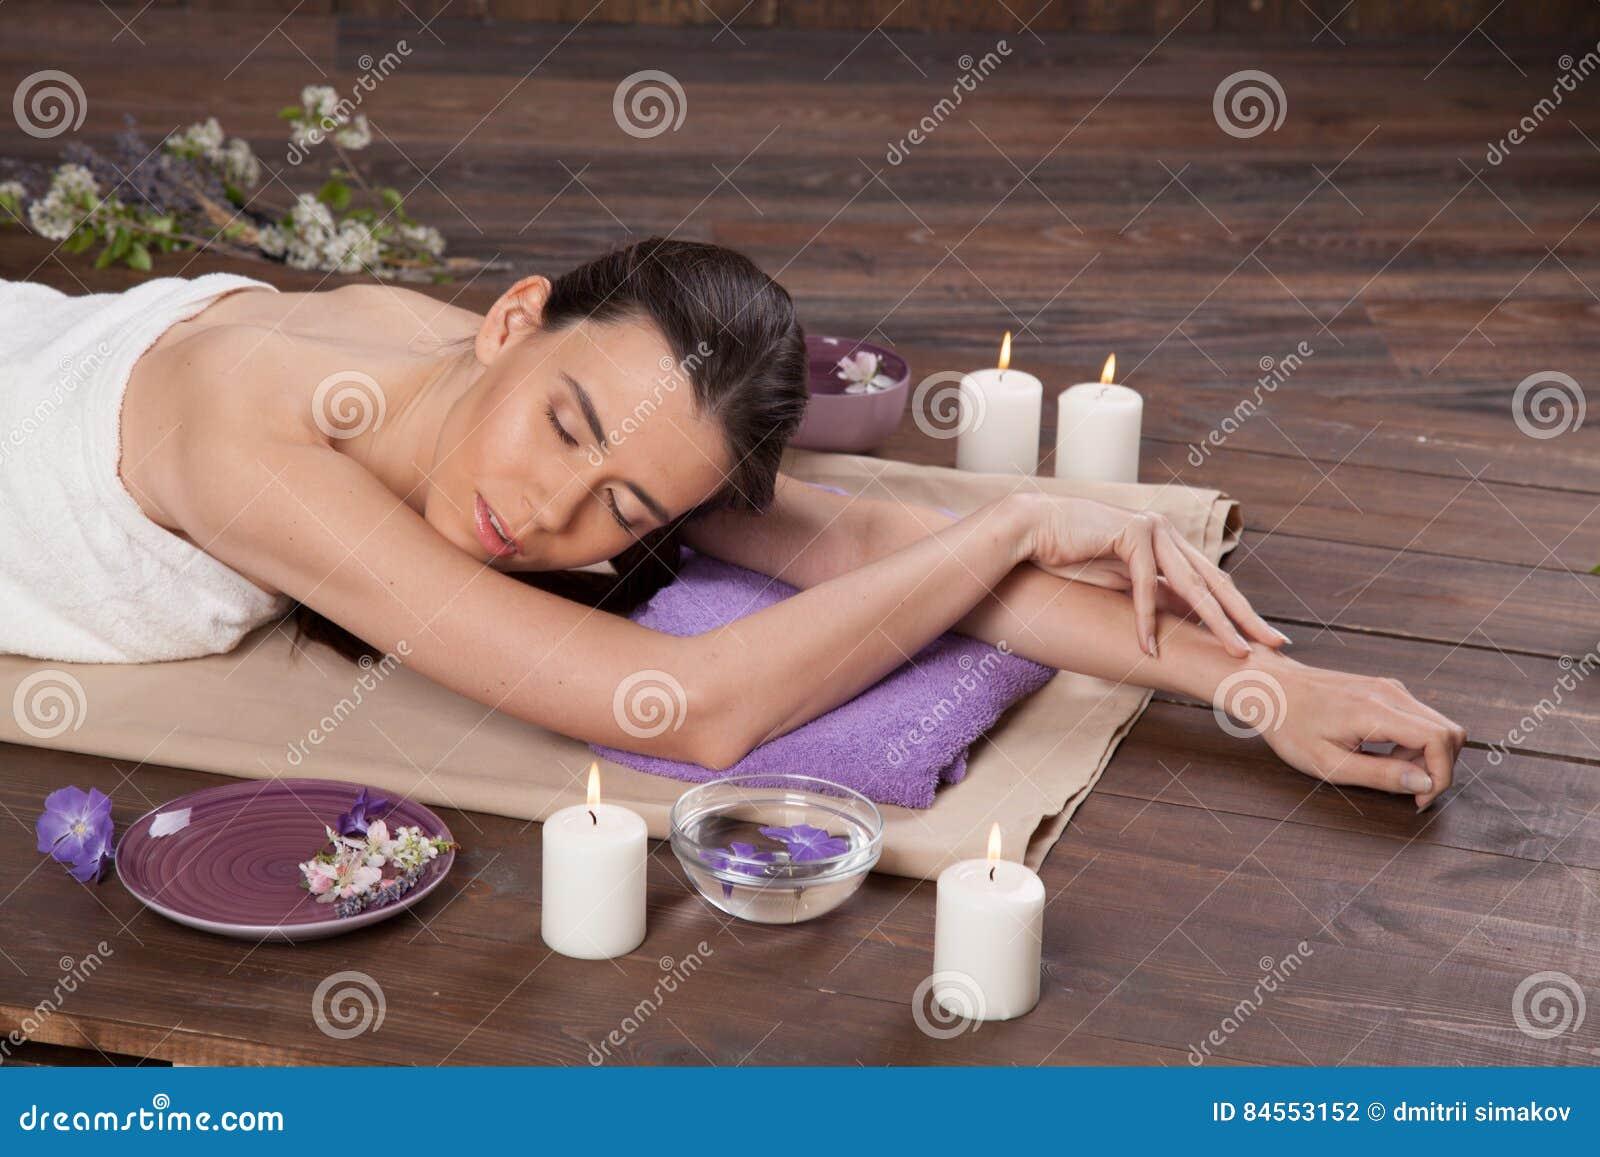 Сауна с девушками с массажем смотреть порно видео секс на массаже